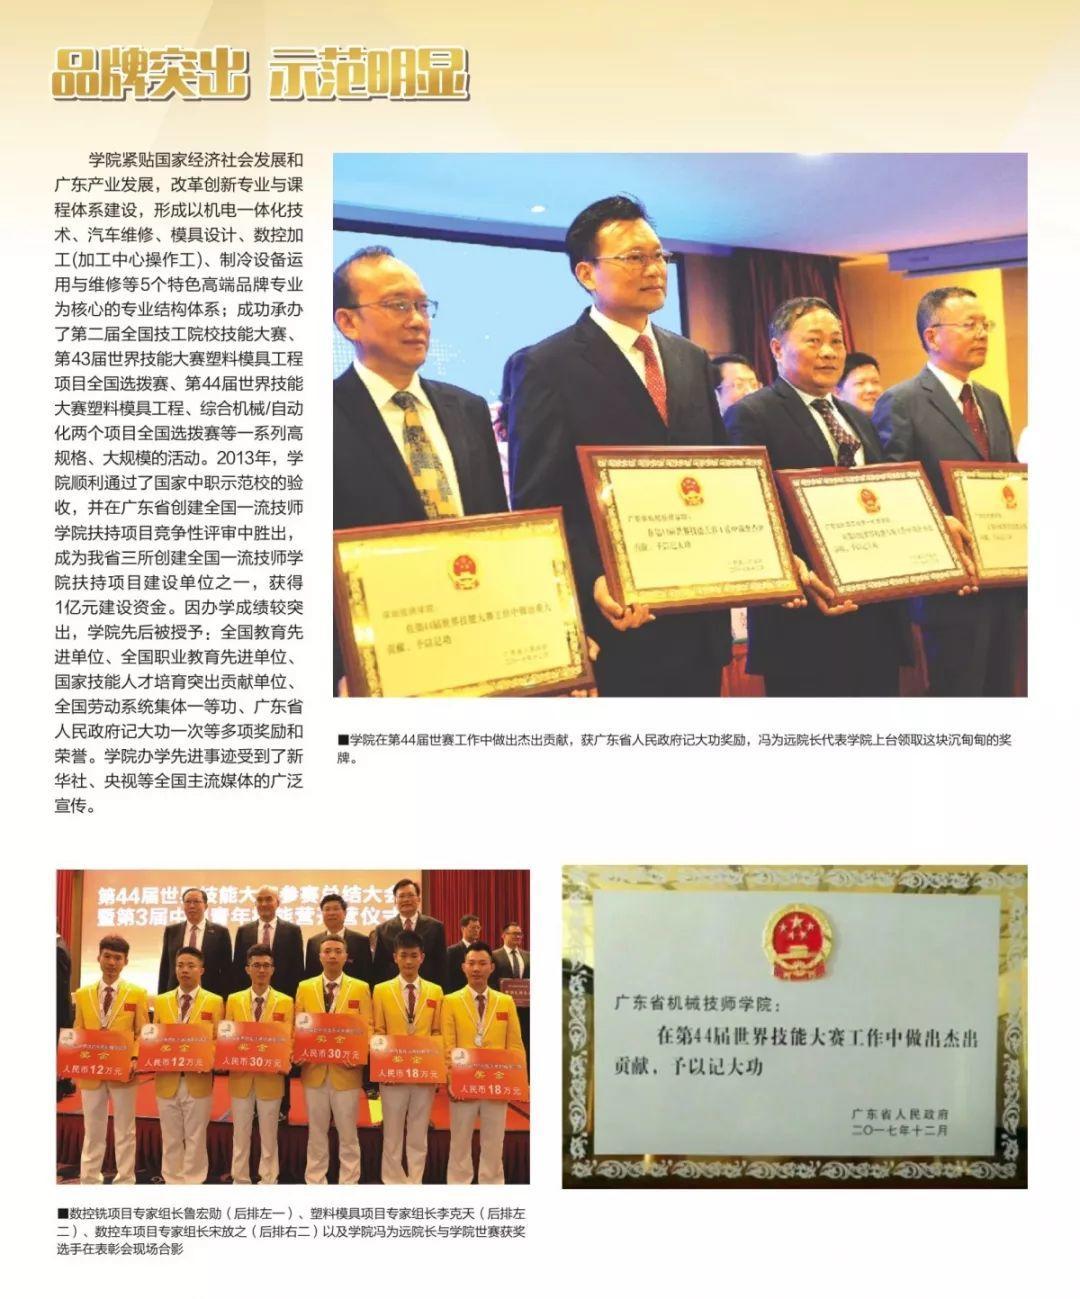 广州技校排名_广东省机械技师学院2019年招生简章-广东技校排名网